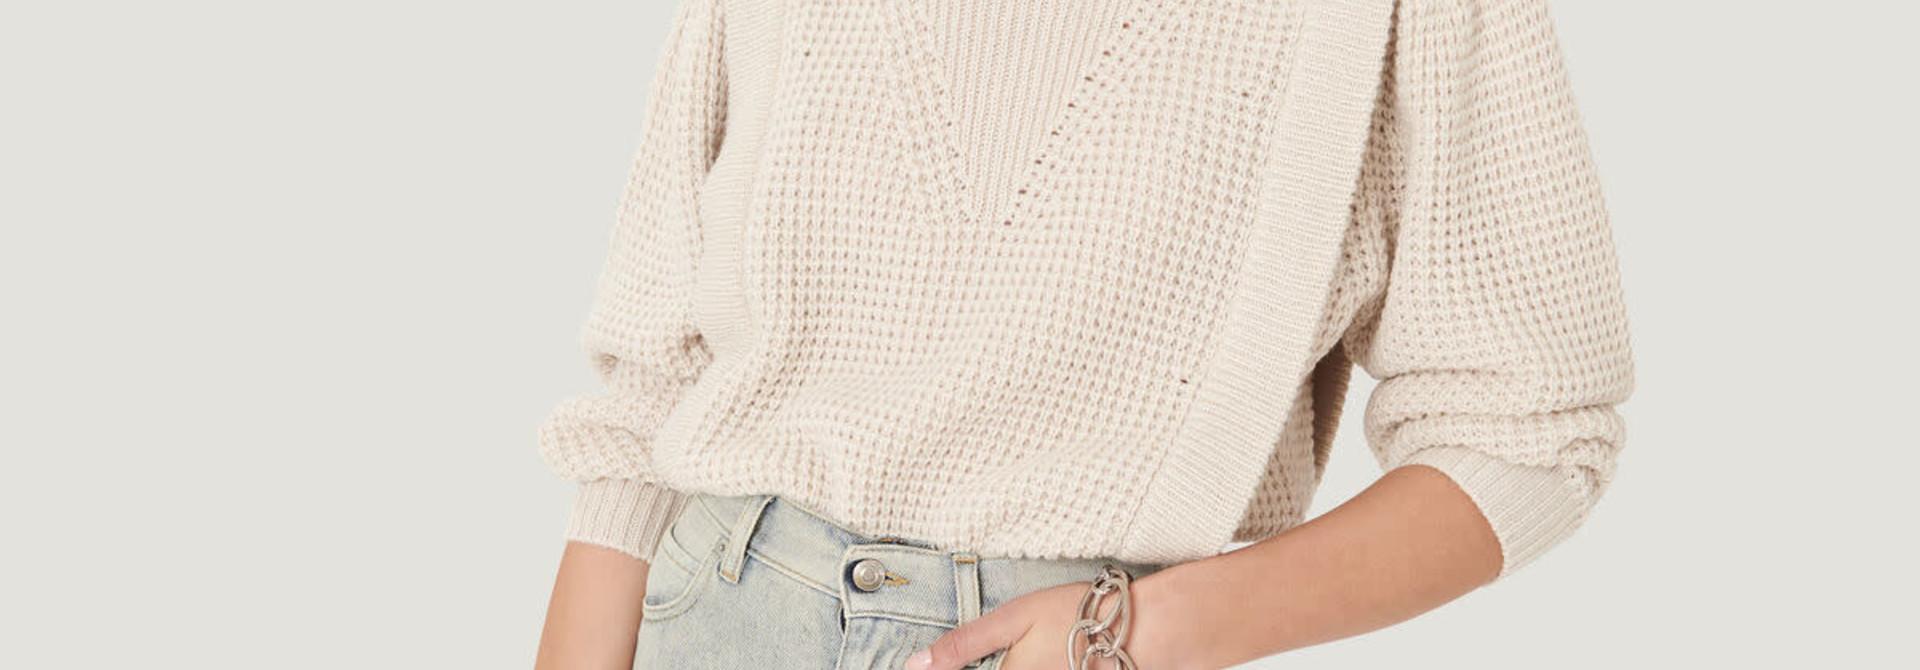 MAcky sweater IRO